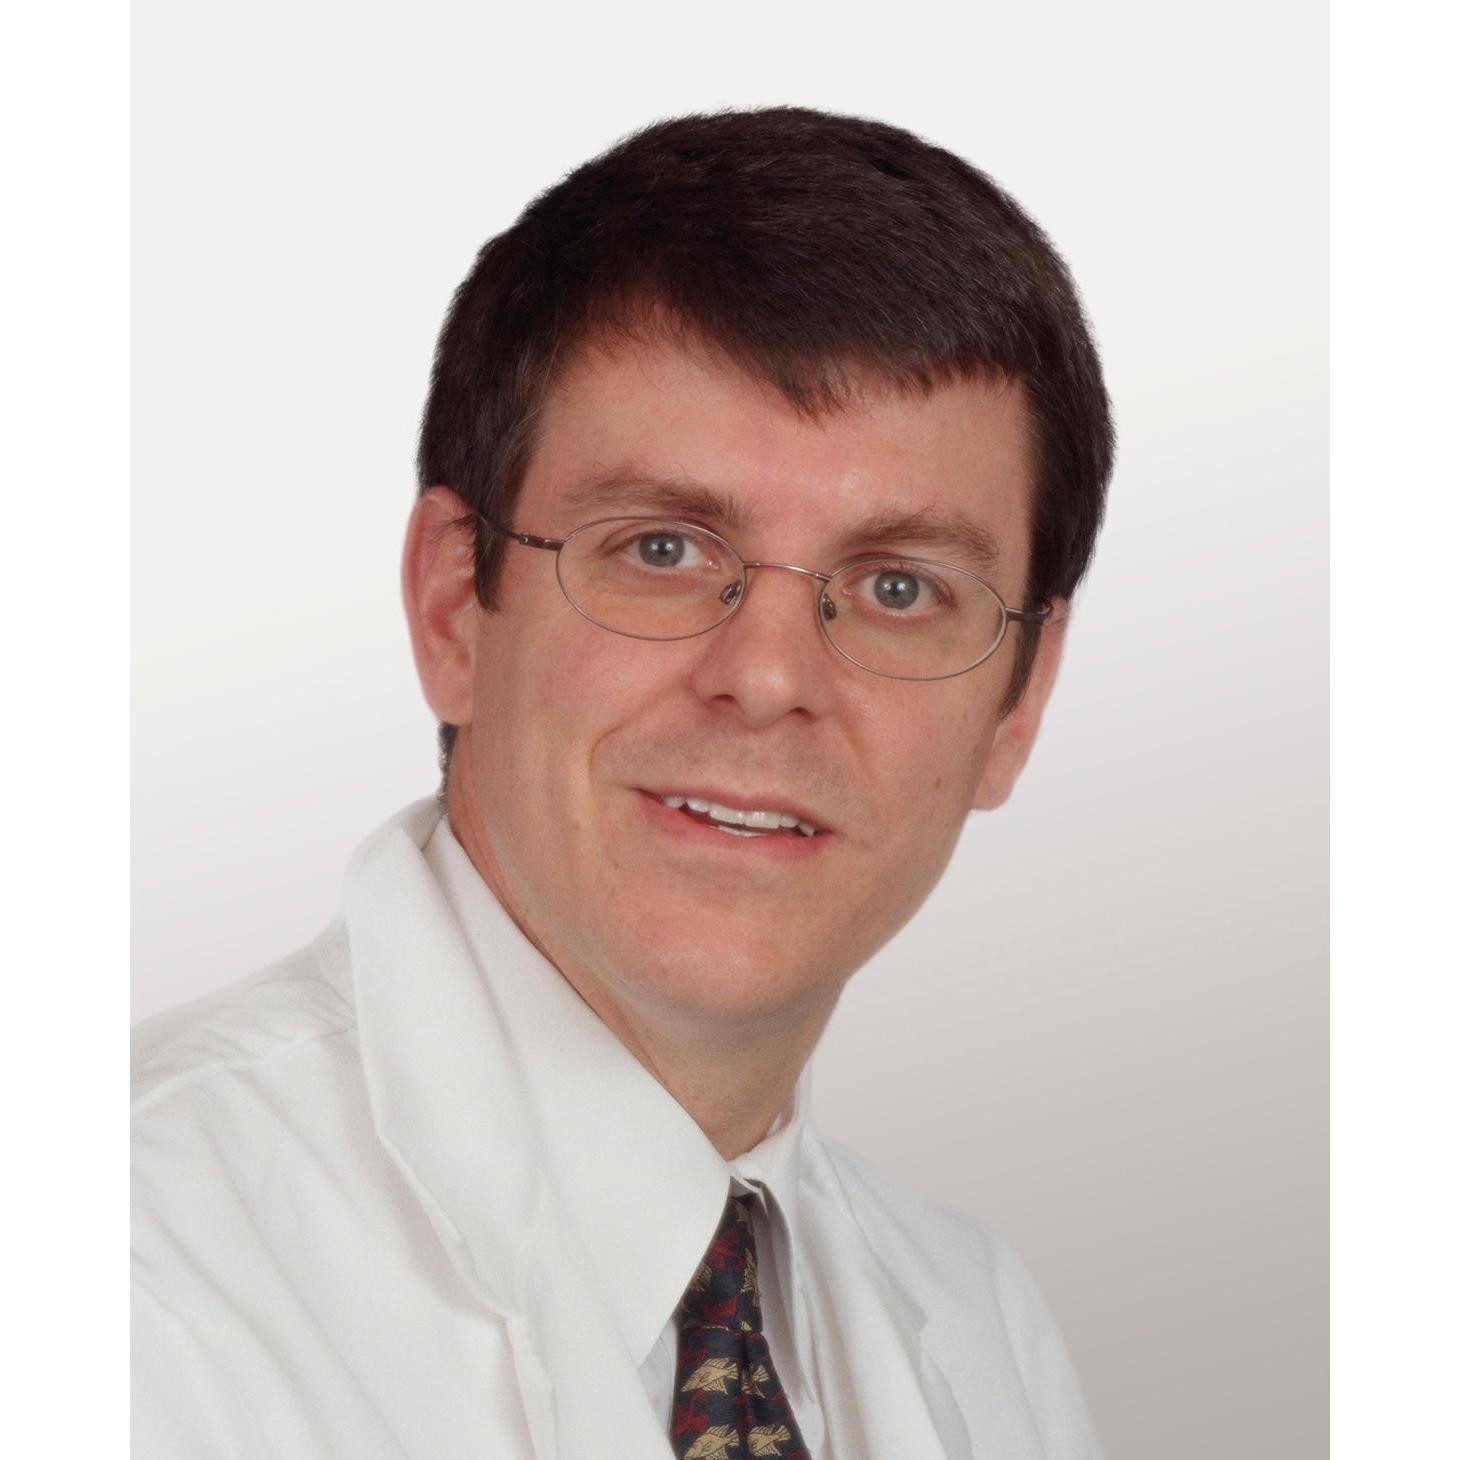 Doughlas J. Kroll, MD